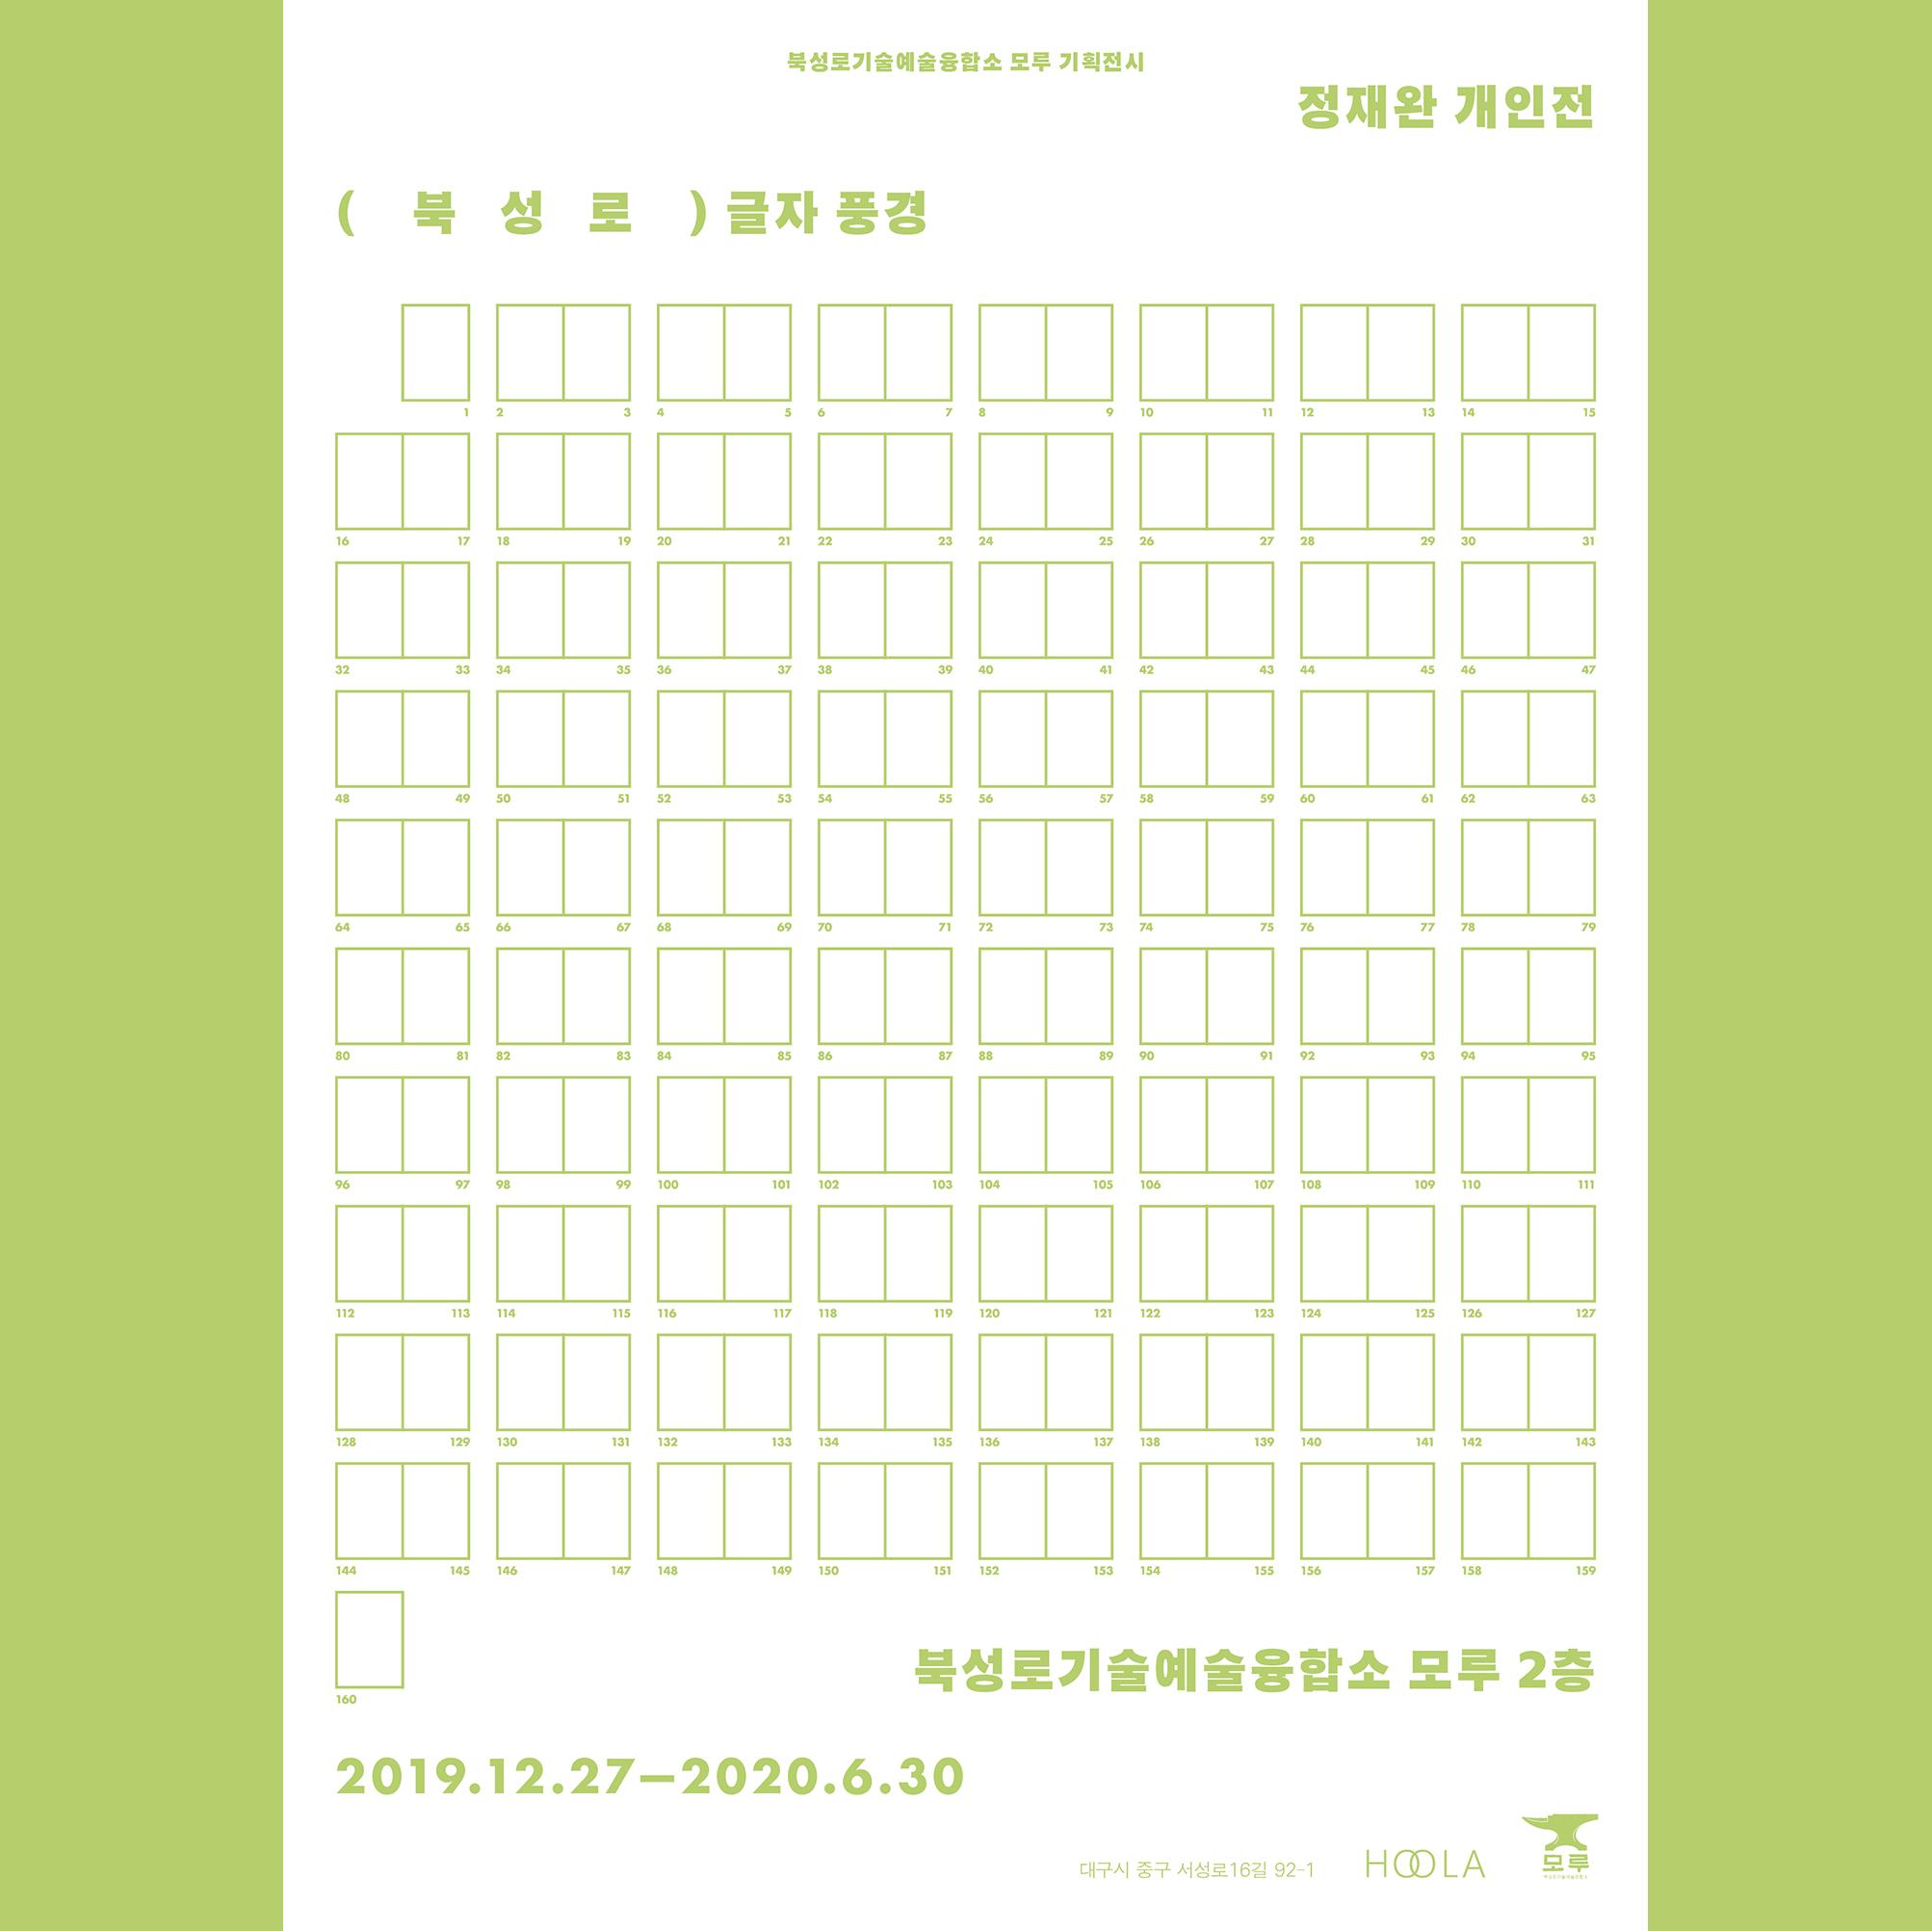 북성로 글자풍경 (poster)